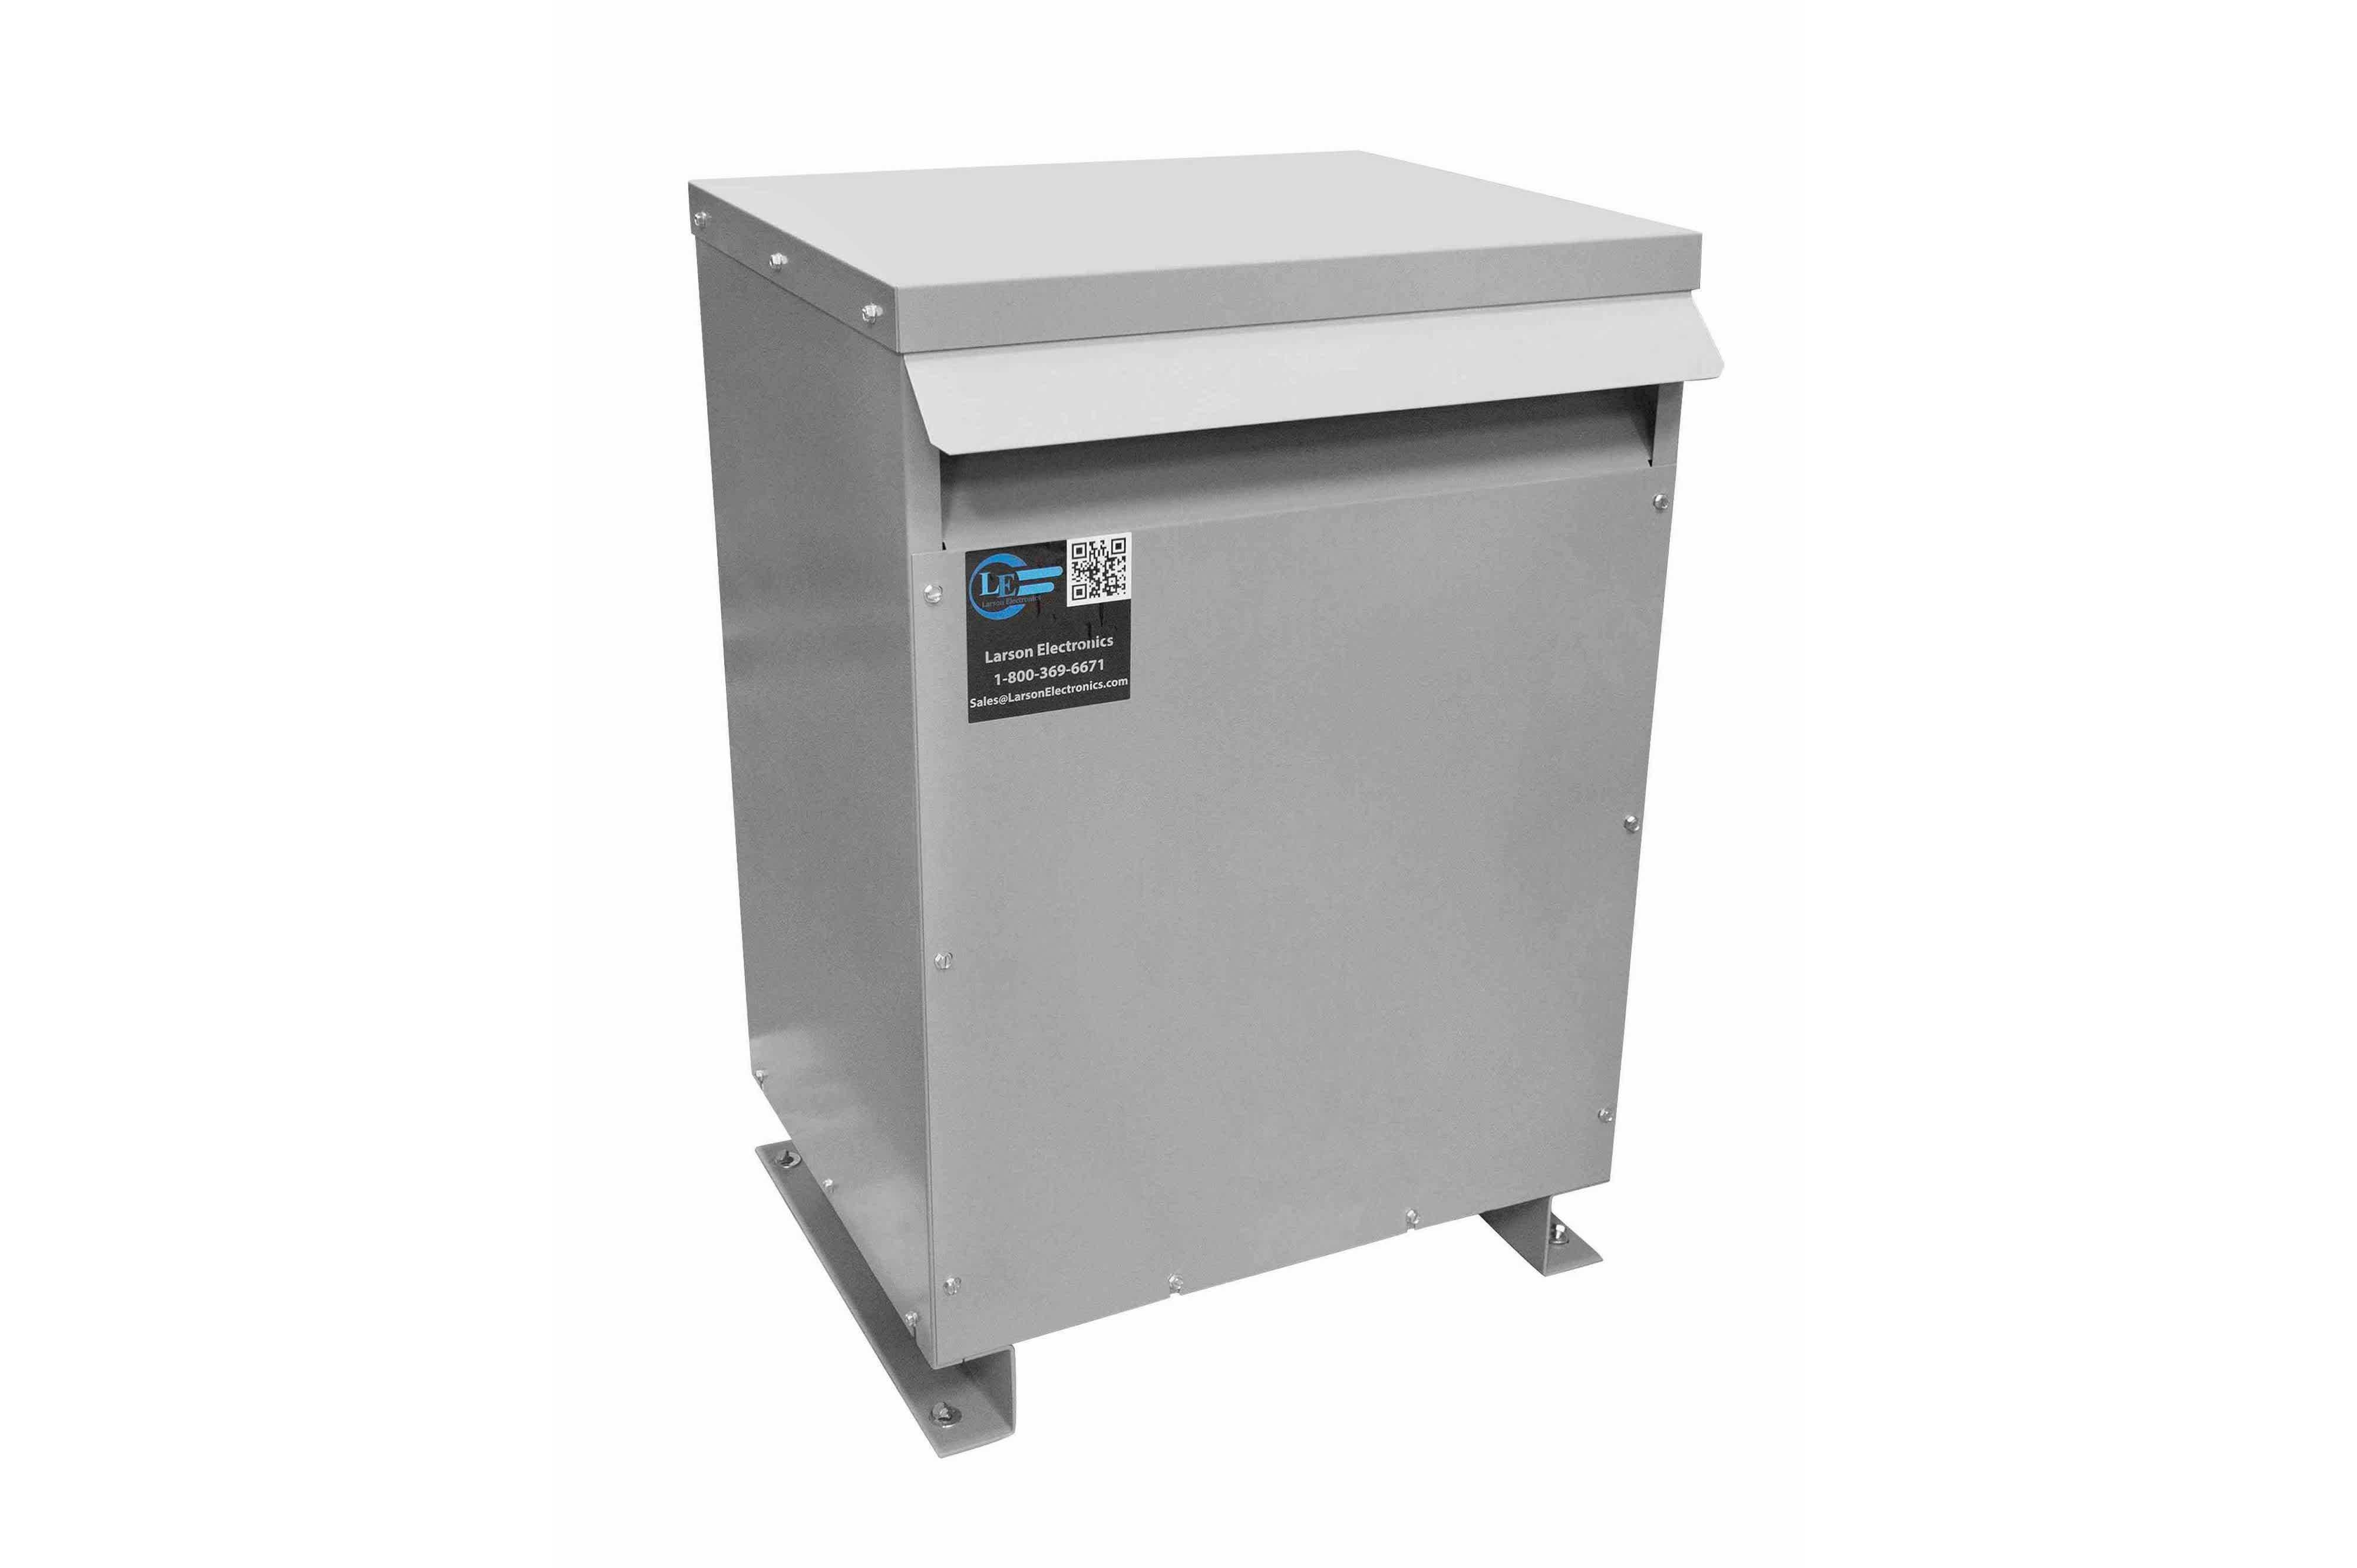 9 kVA 3PH Isolation Transformer, 600V Delta Primary, 240 Delta Secondary, N3R, Ventilated, 60 Hz